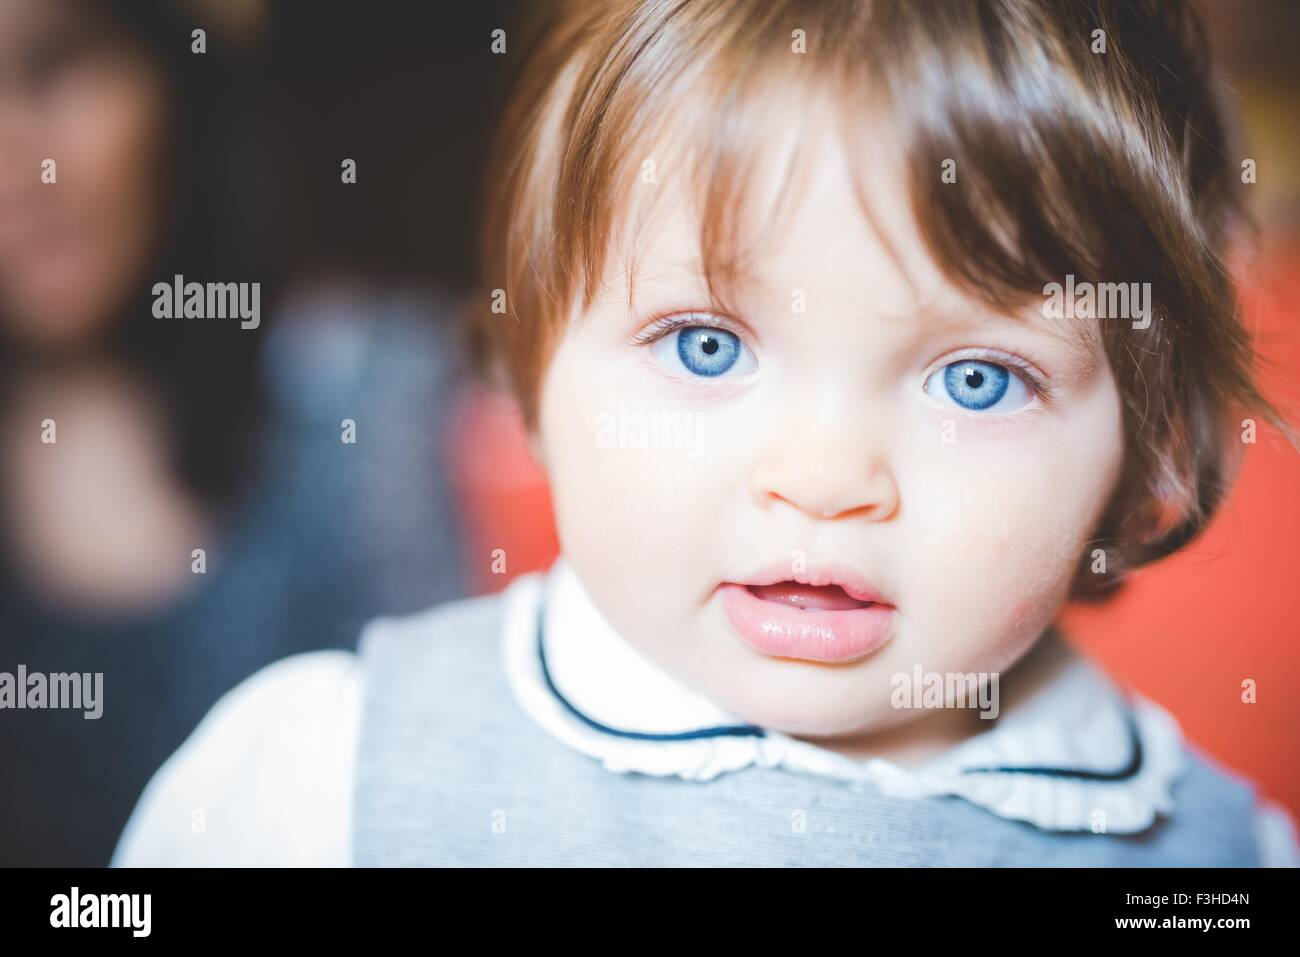 Porträt von weiblichen Kleinkind mit blauen Augen hautnah Stockbild